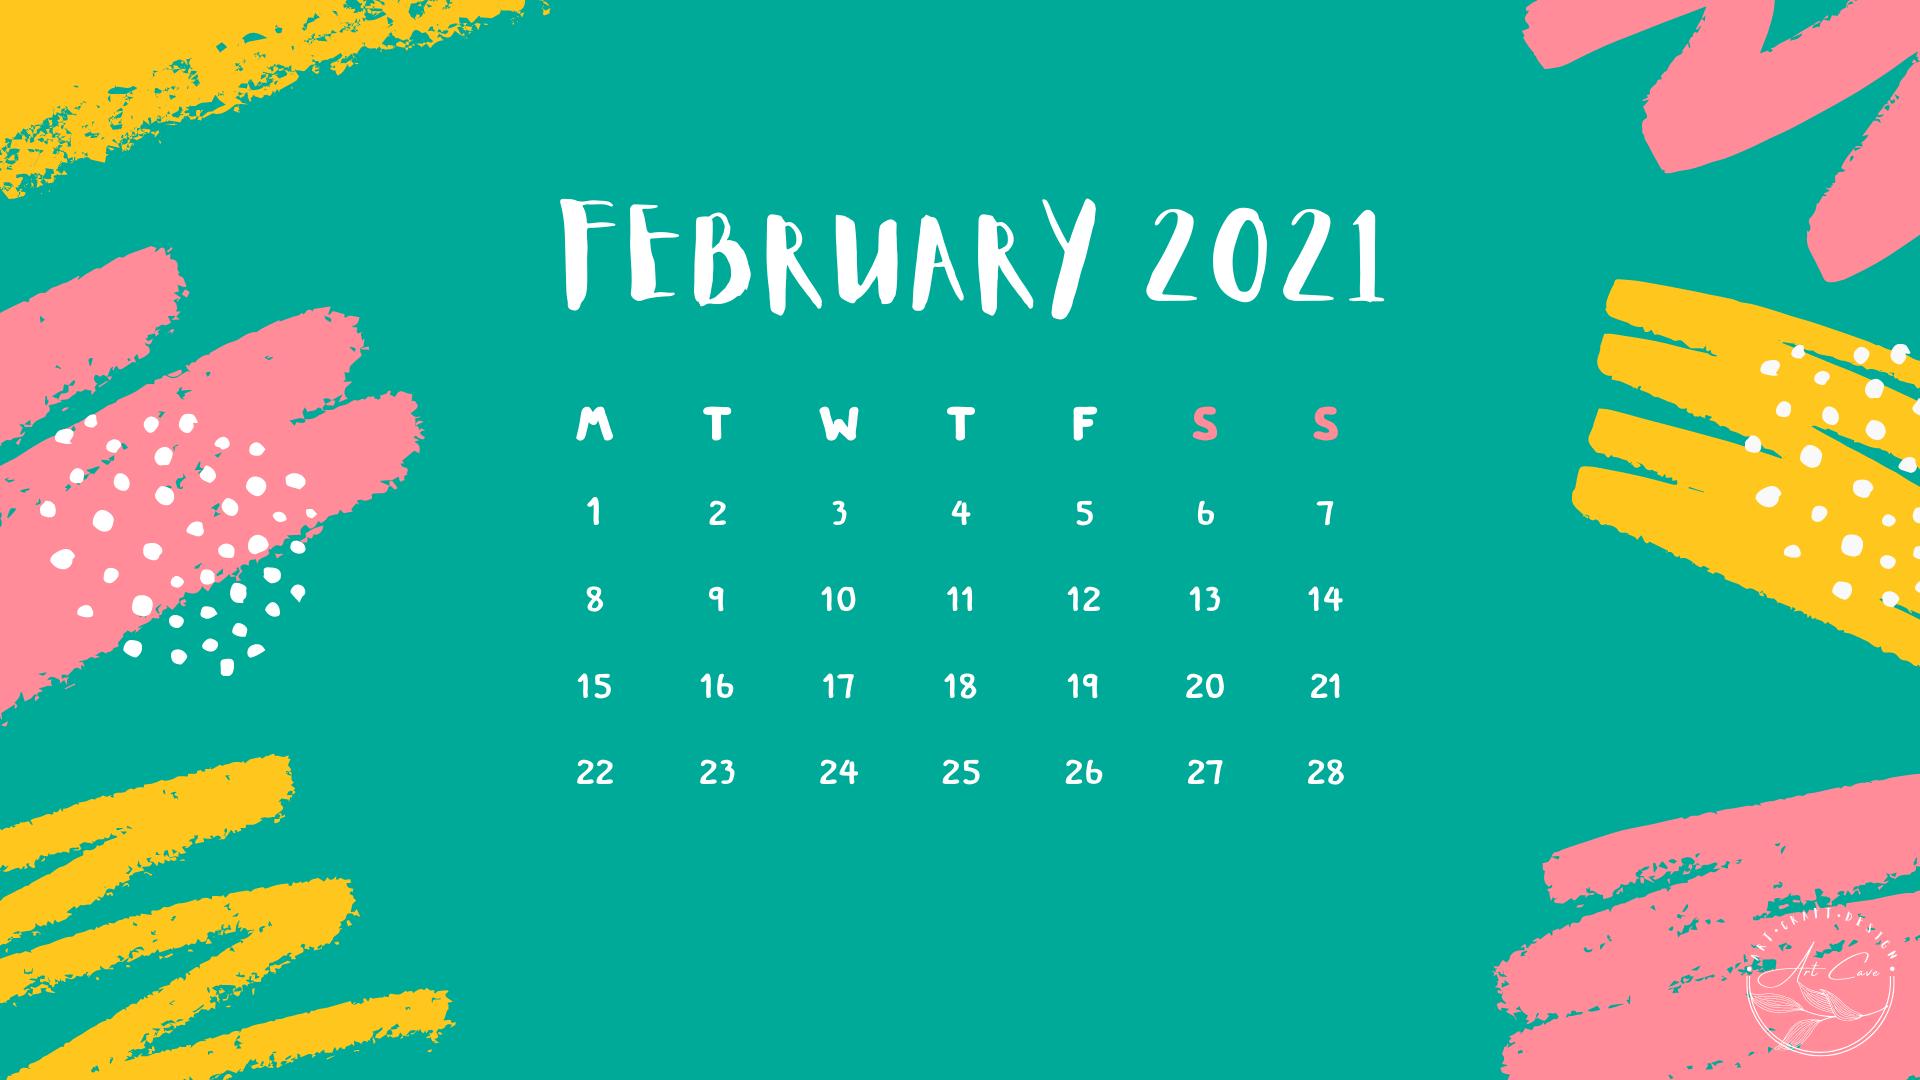 Desktop Calendar Feb 2021